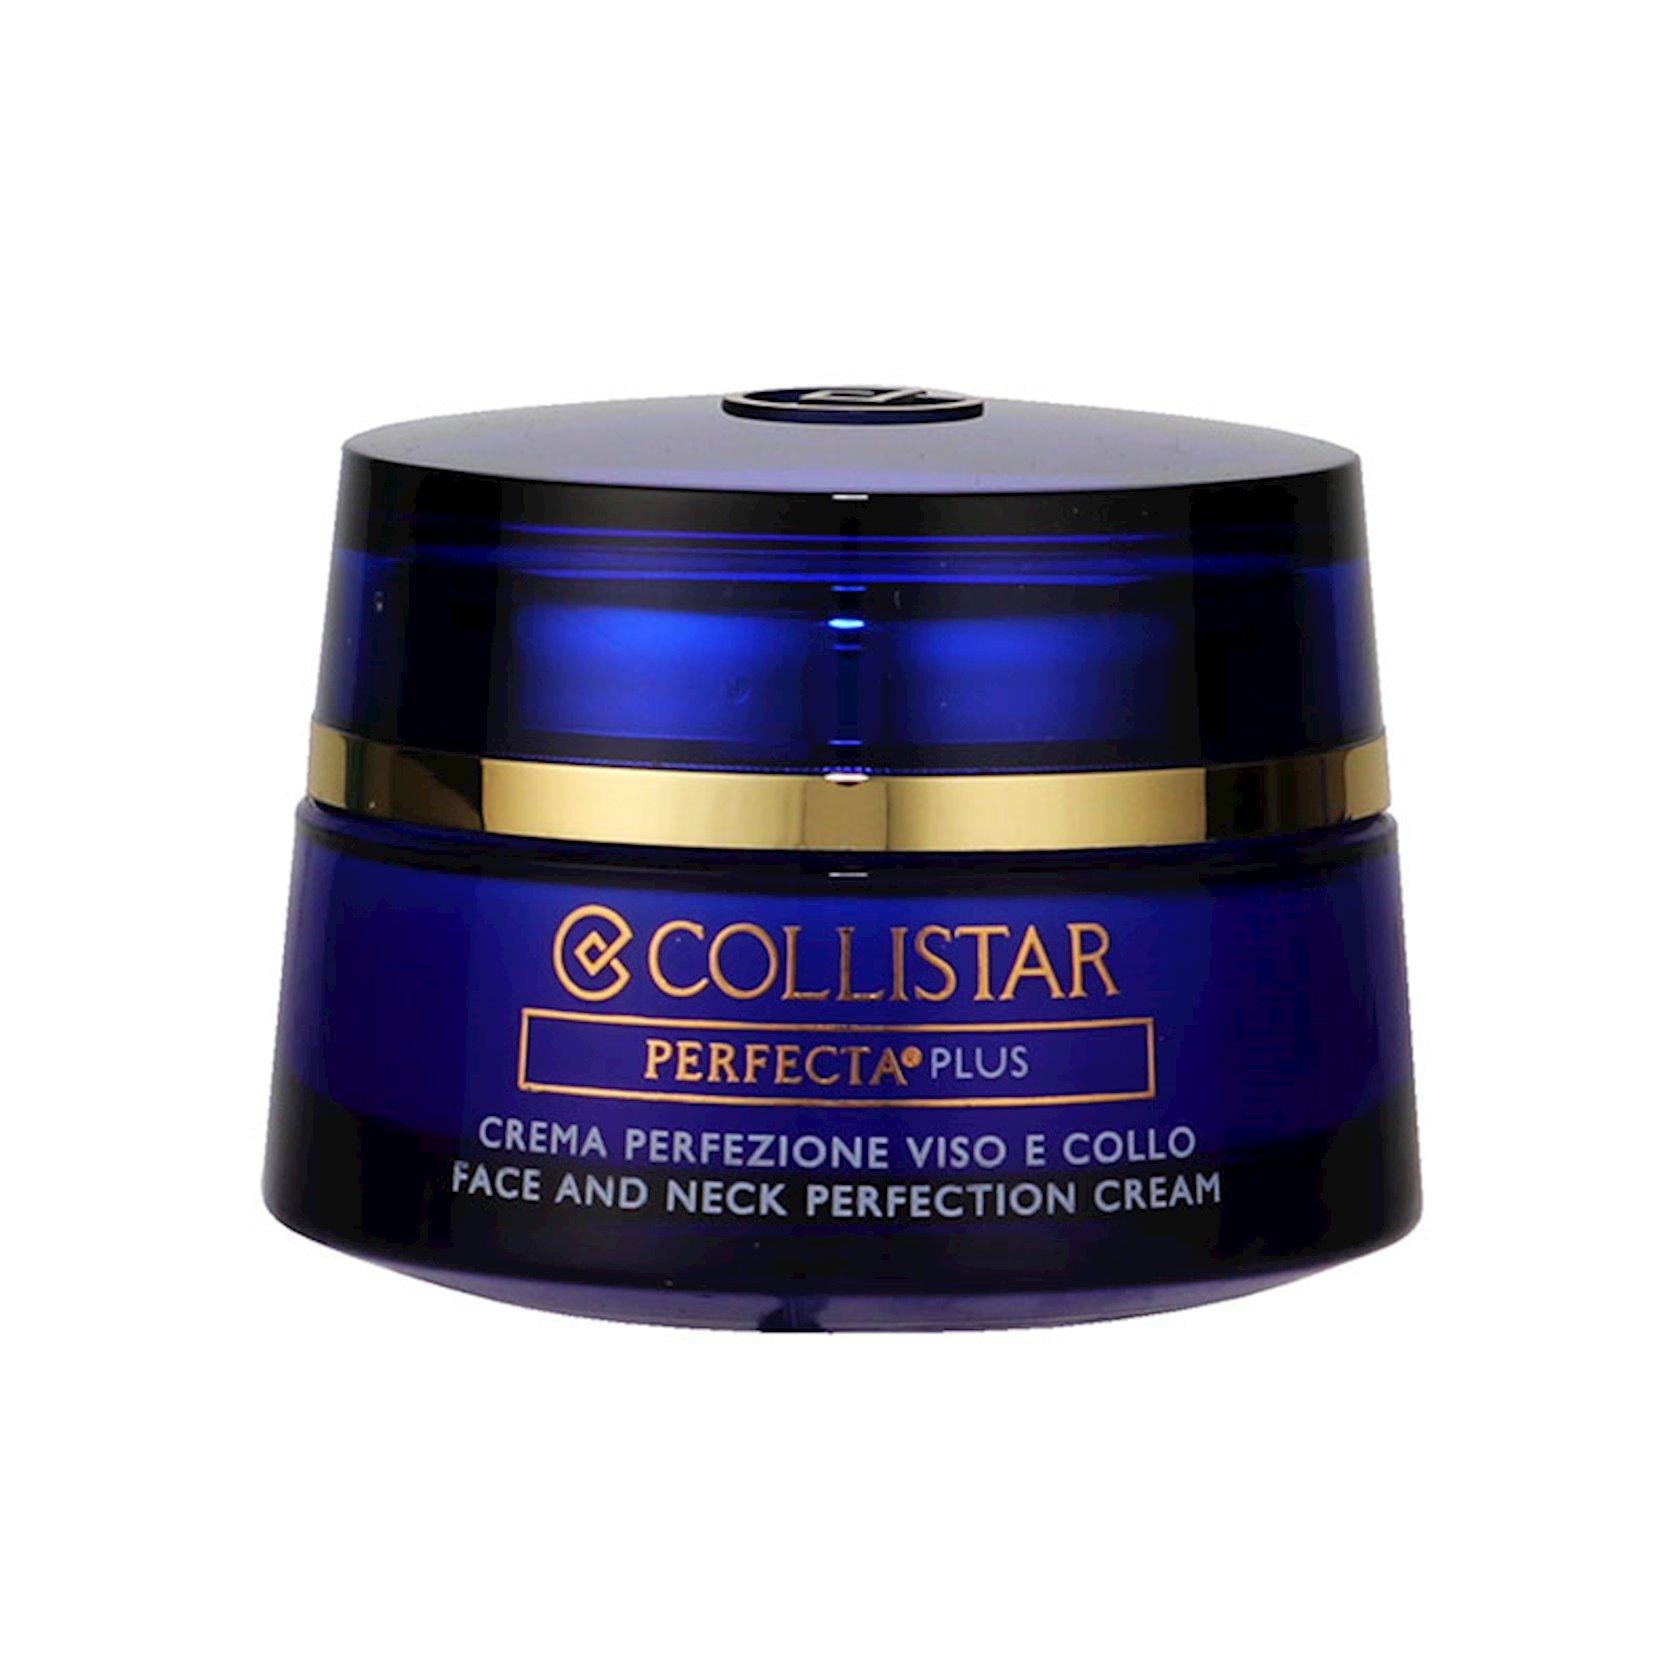 İntensiv üz və boyun kremi Collistar Perfecta Plus Face and Neck Perfection Cream 50 ml